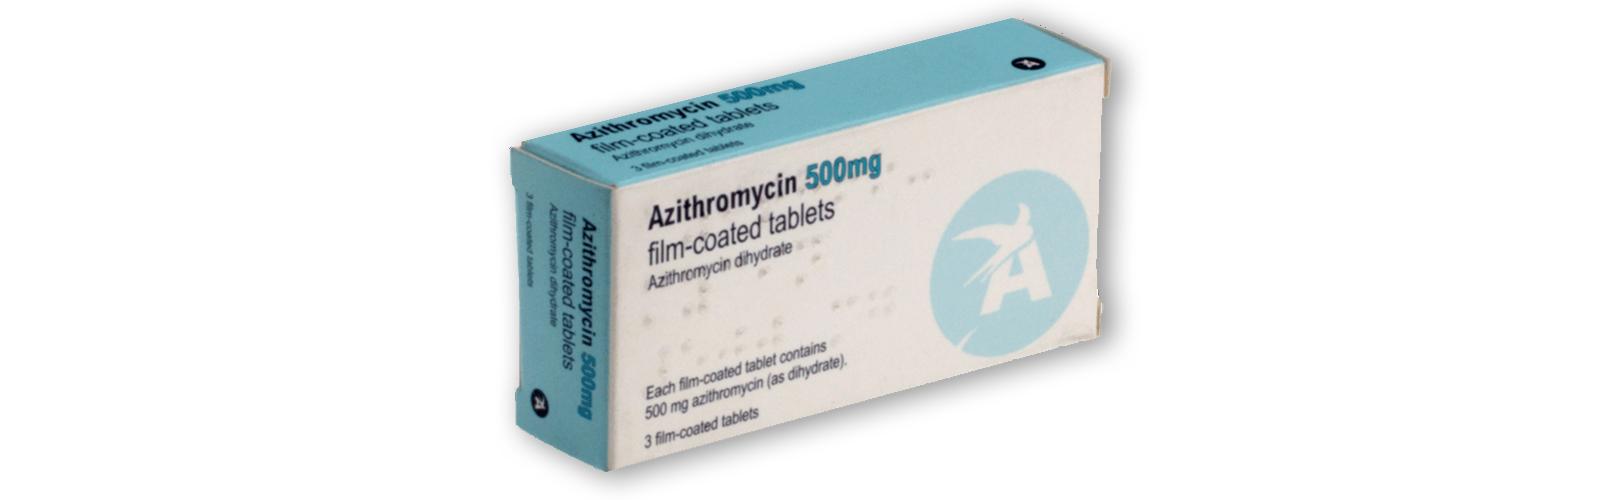 Azithromycin Online Kaufen - Geschlechtskrankheiten